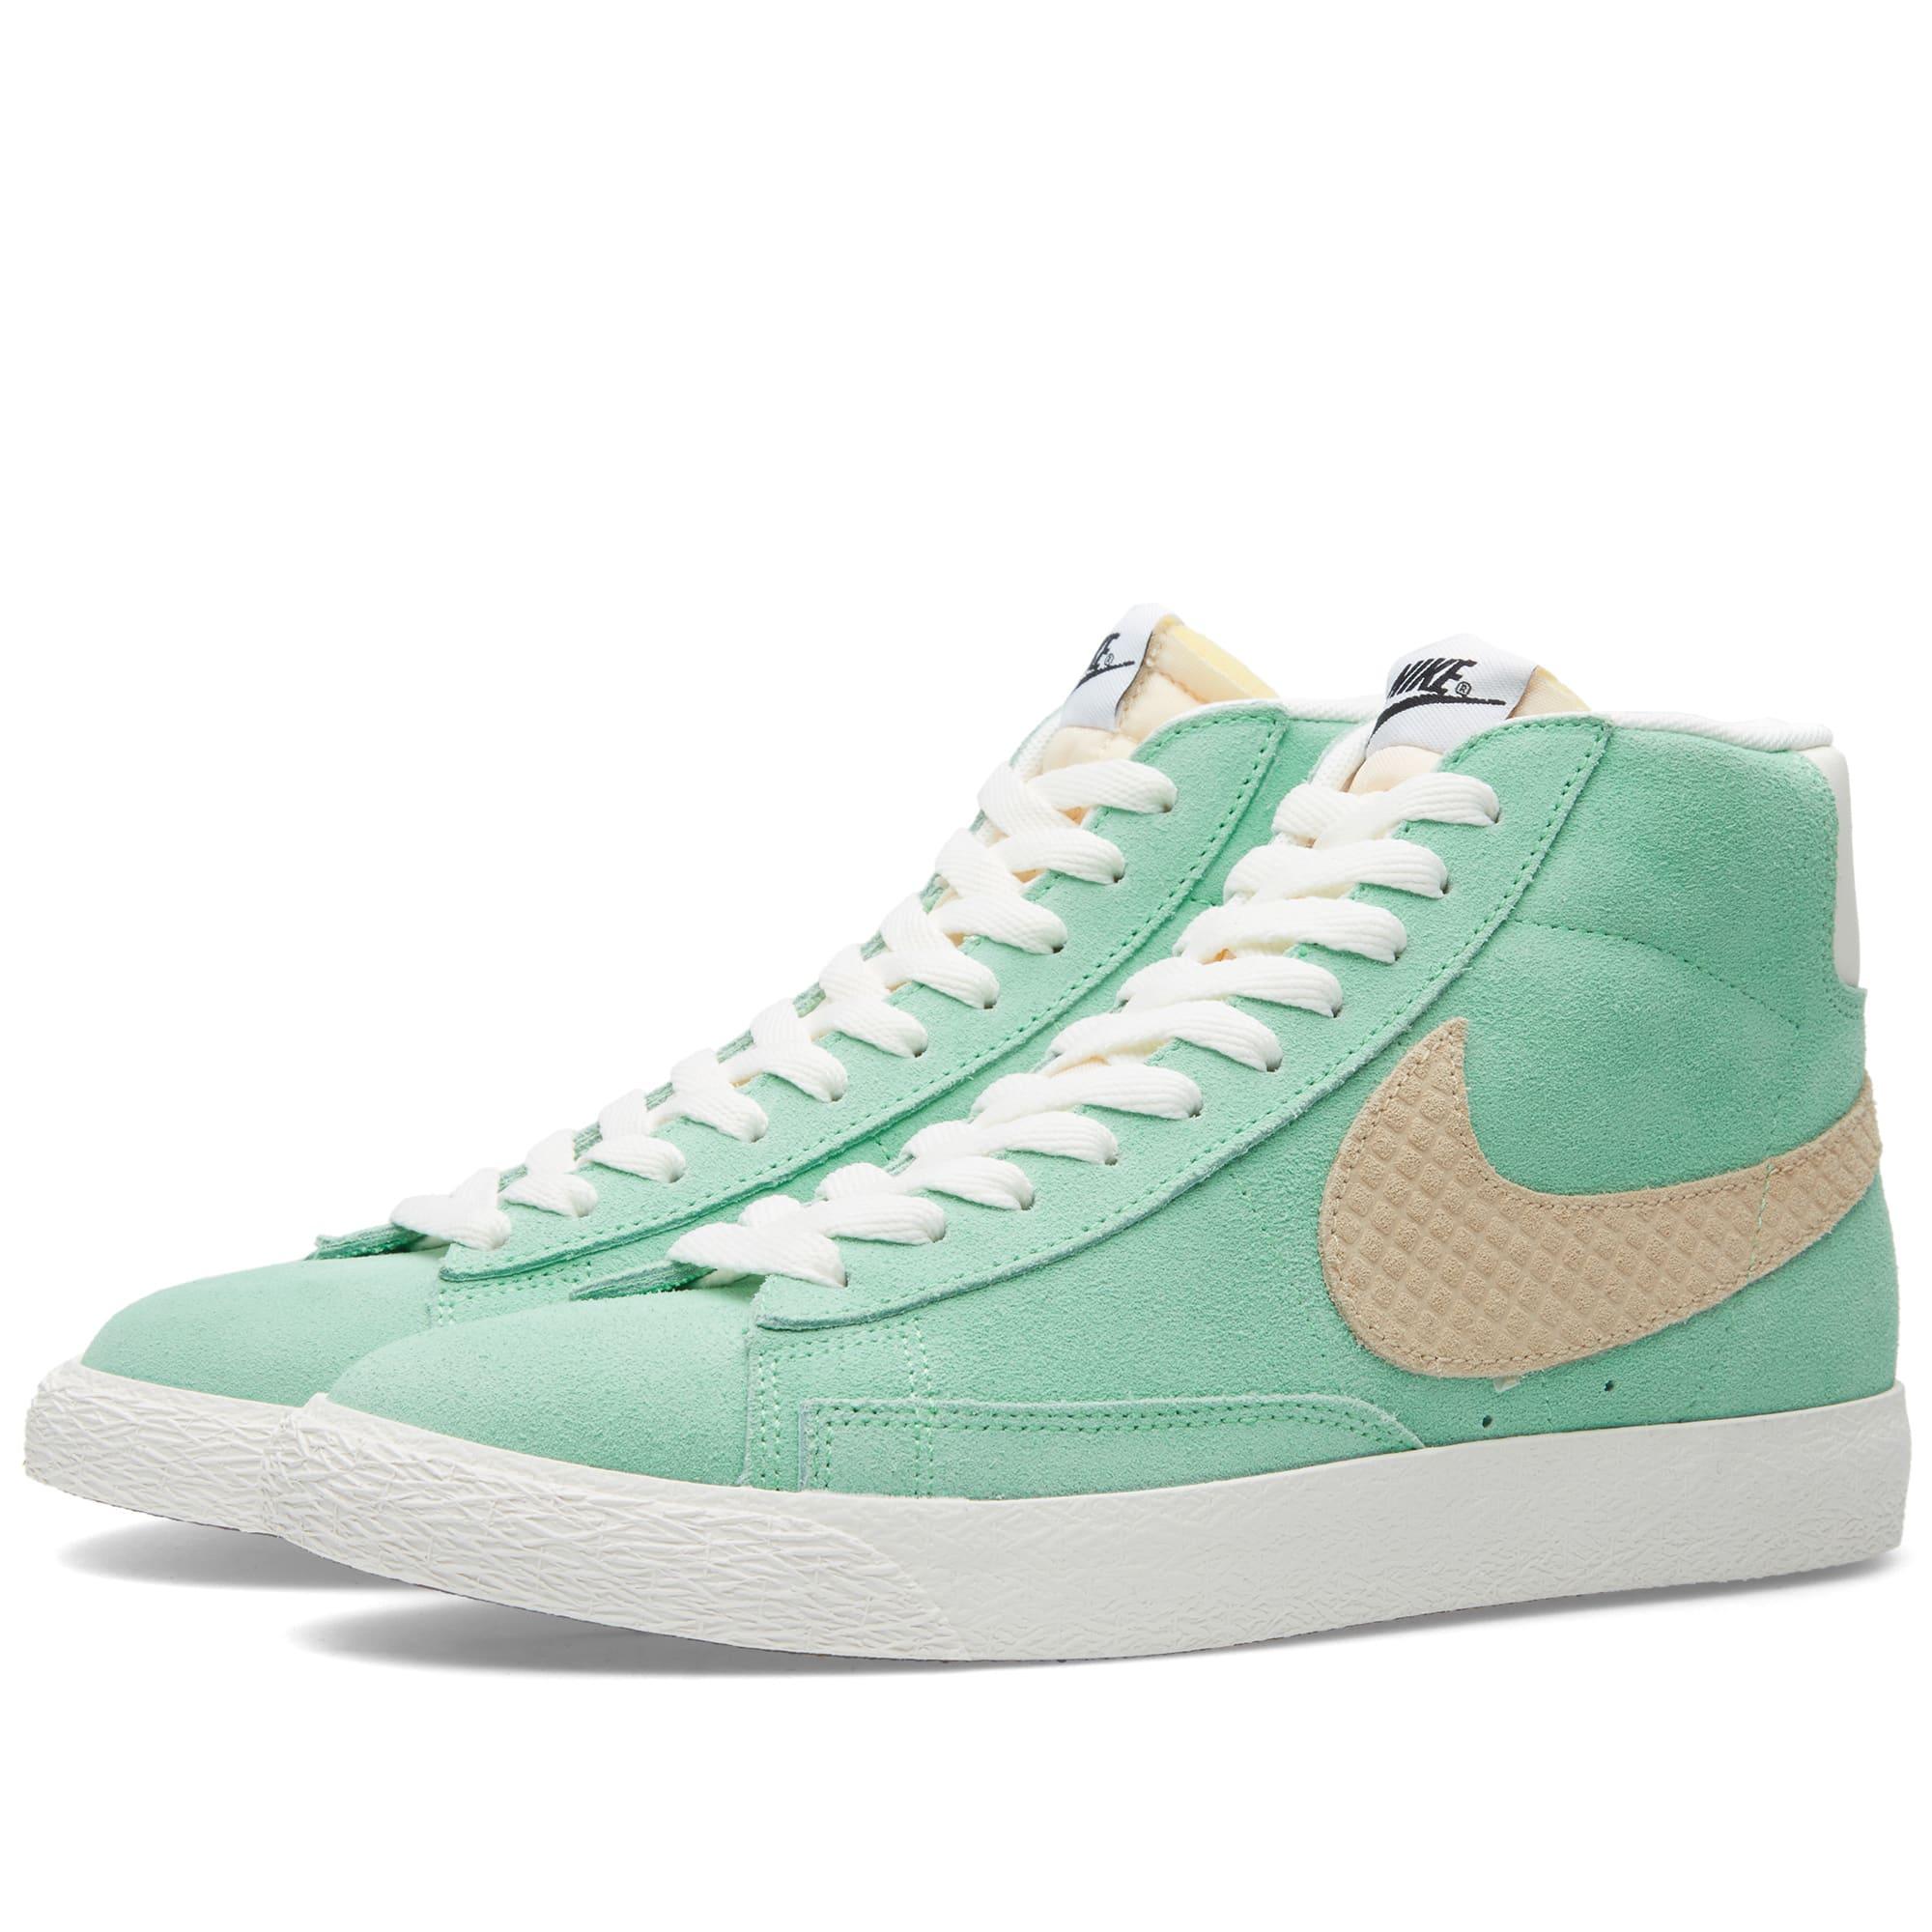 best loved e13e7 63652 Nike Blazer Mid Premium Vintage QS Light Poison Green   Sand Dune   END.